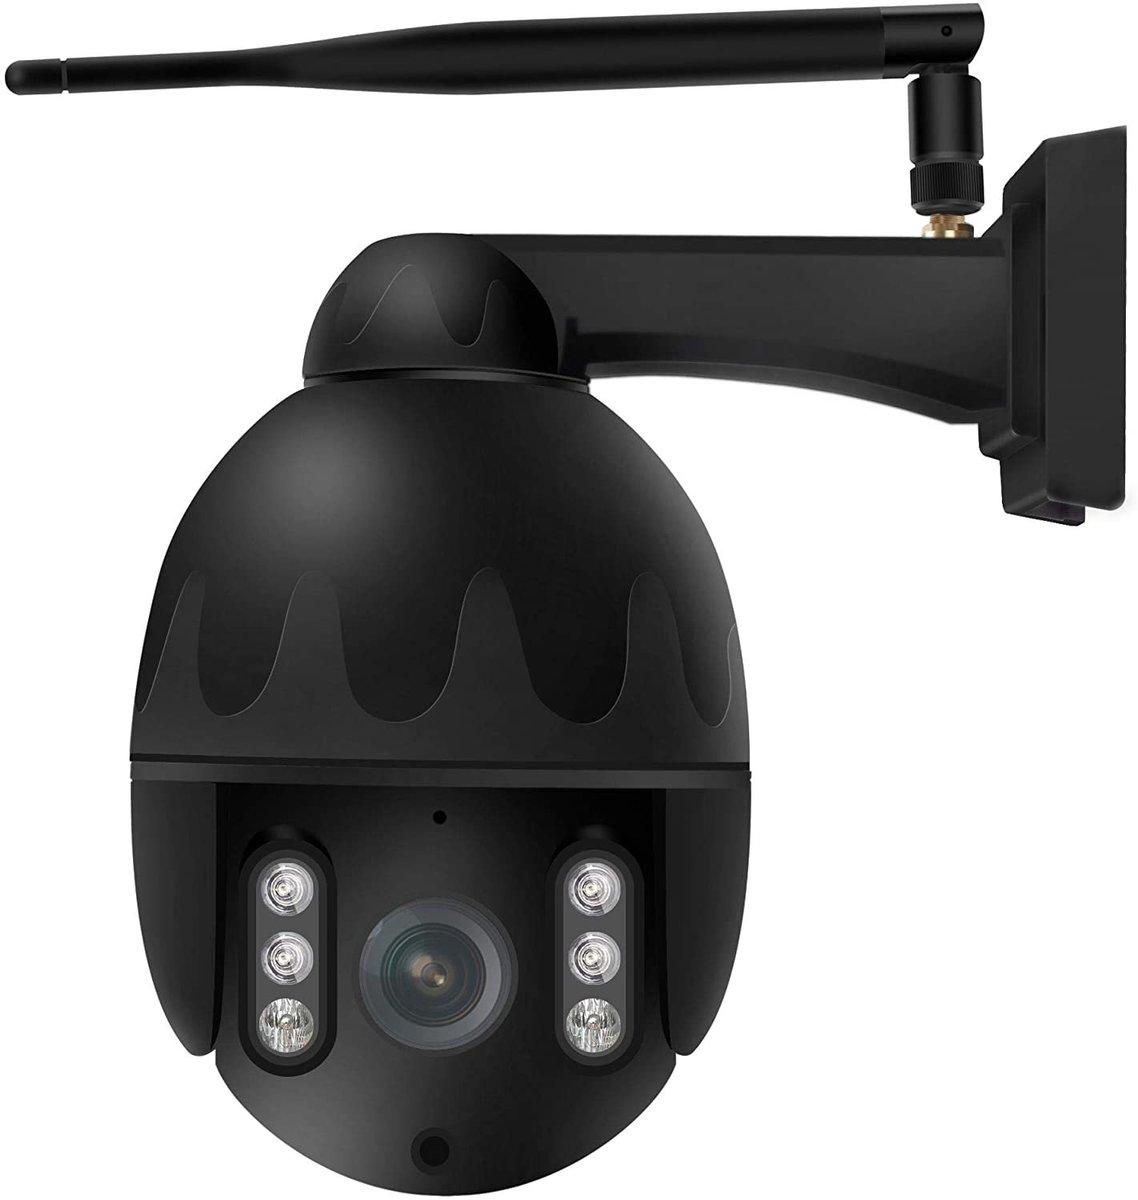 Vstarcam C31S-X4高清1080P 4倍变焦WiFi户外IP摄像机